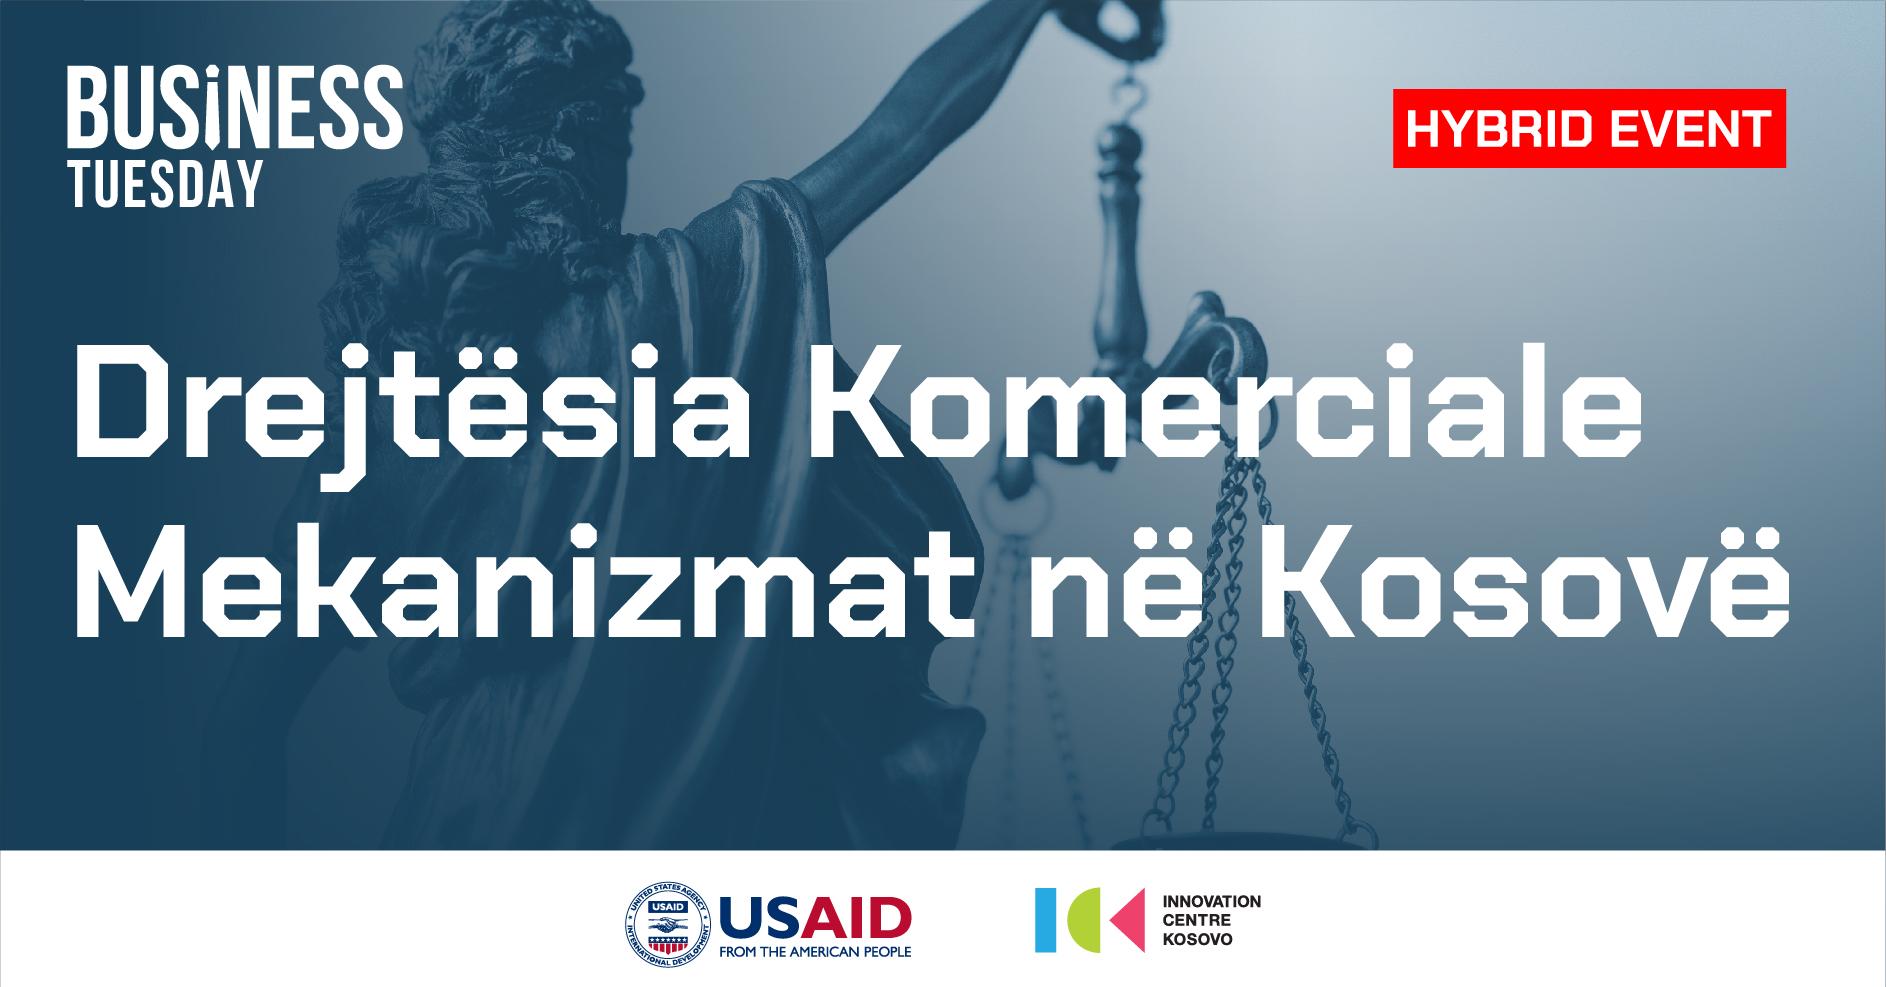 Drejtësia Komerciale - Mekanizmat në Kosovë